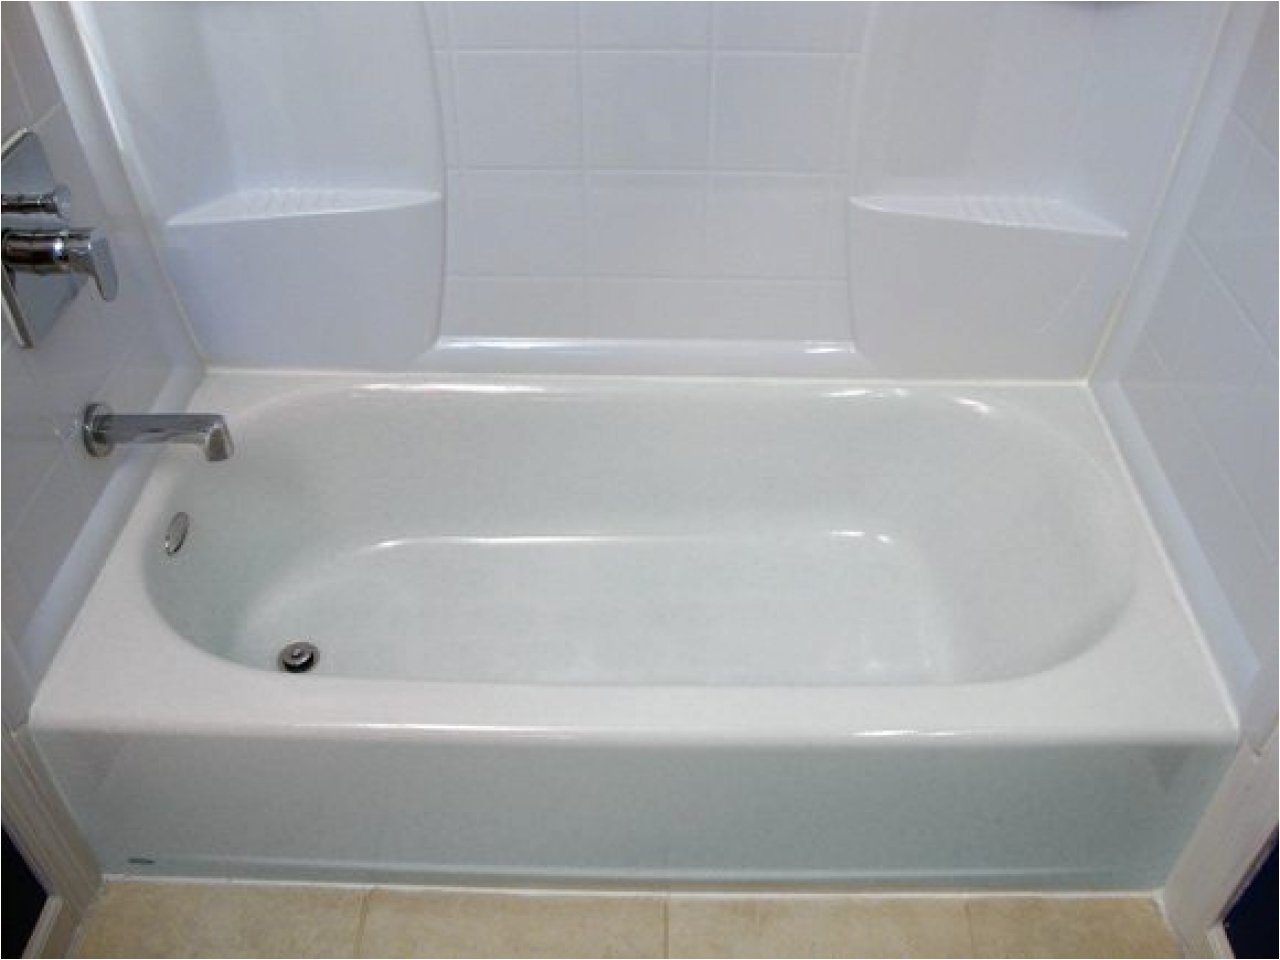 American Standard Bathtub Sizes Standard Bathtub Americast Princeton Tub American